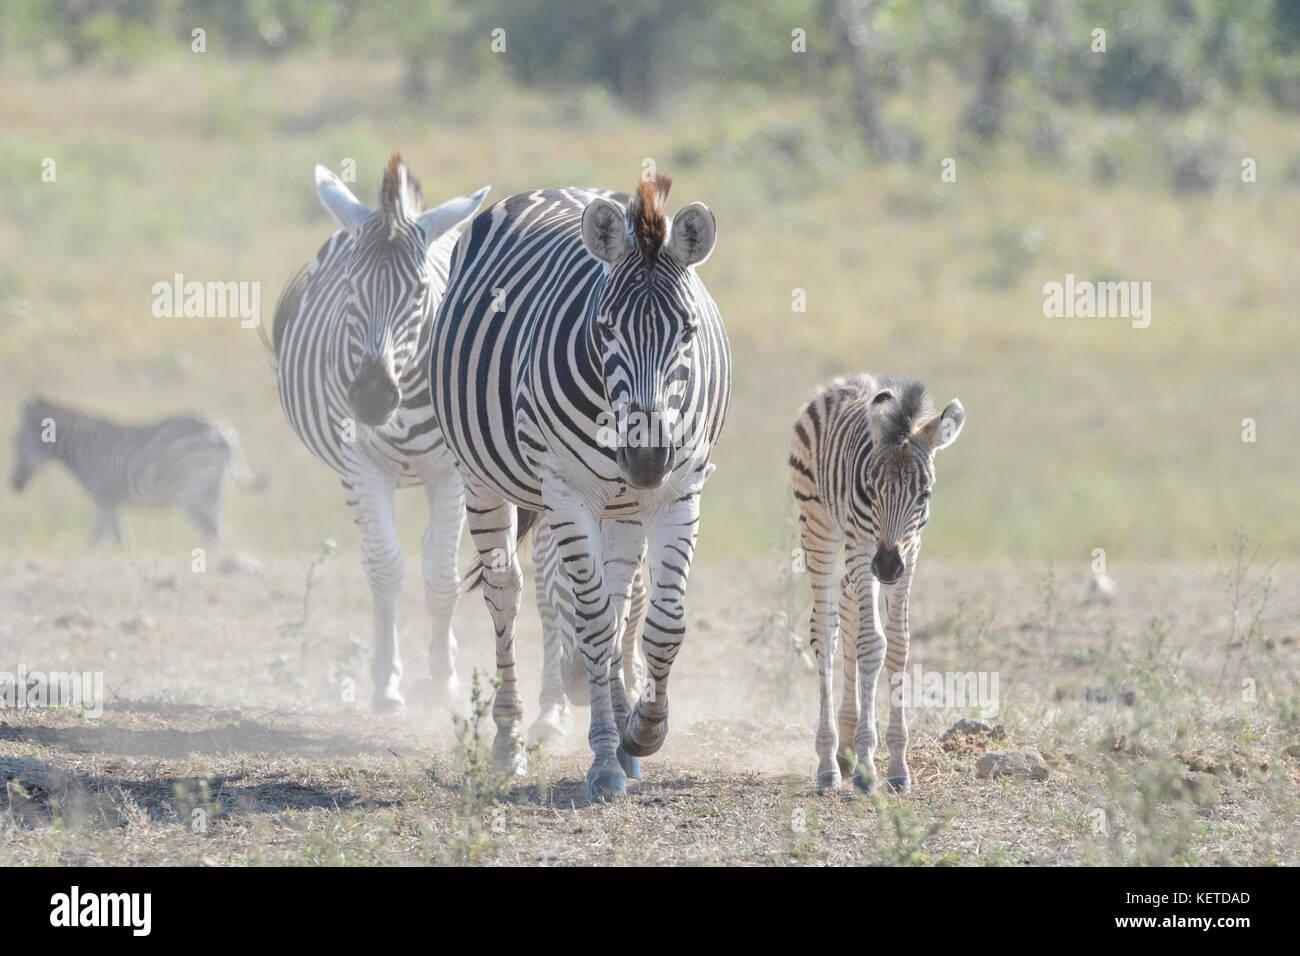 Zèbre des plaines (Equus quagga) mère et poulain marche sur la savane, le parc national Kruger, Afrique Photo Stock